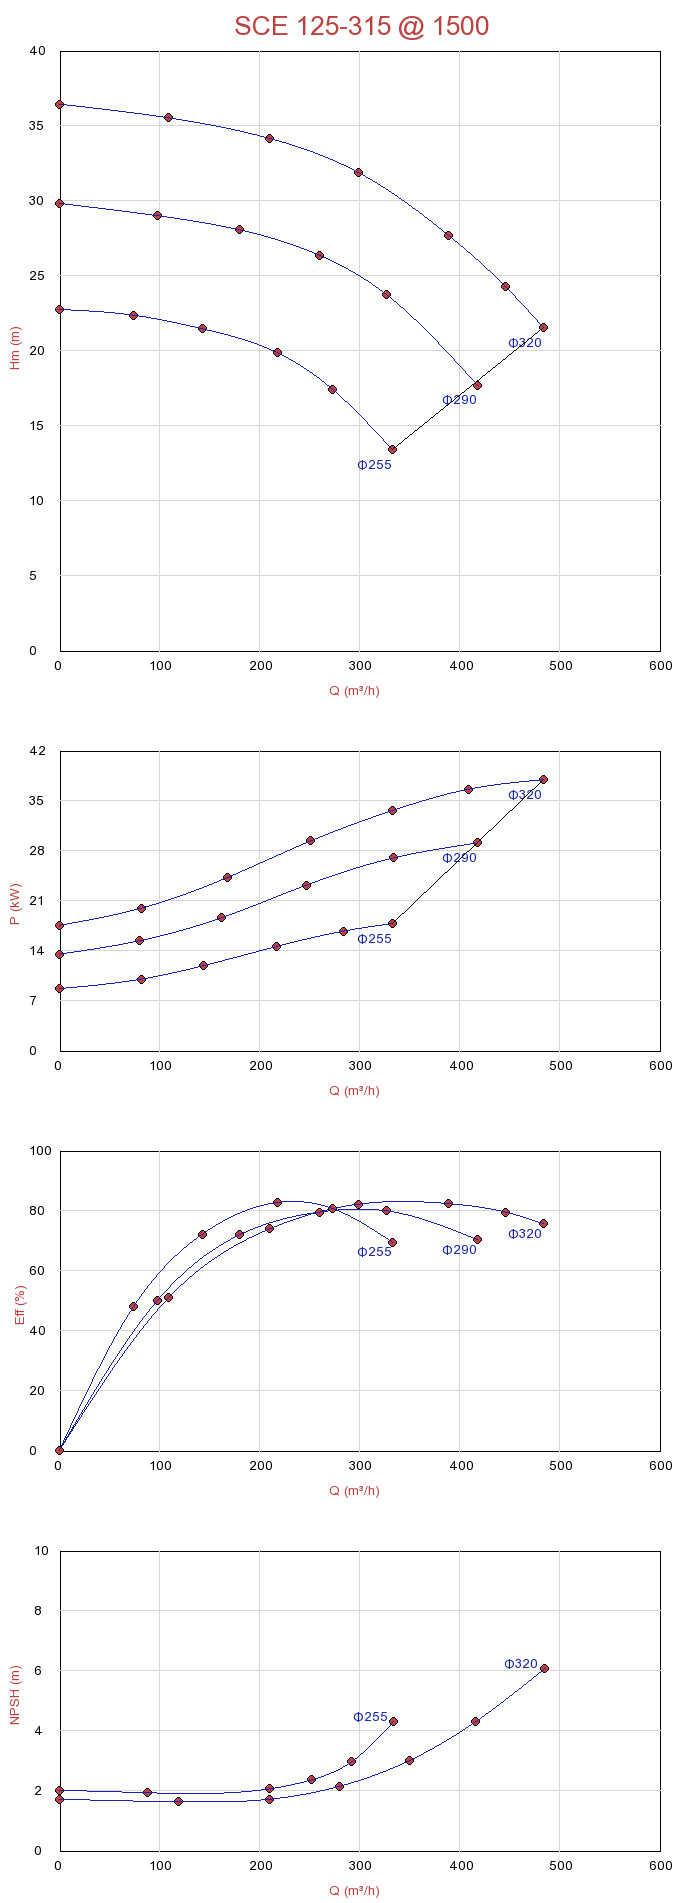 Biểu đồ lưu lượng máy bơm ly tâm hút đôi Sempa SCE 125-315 (1500rpm)